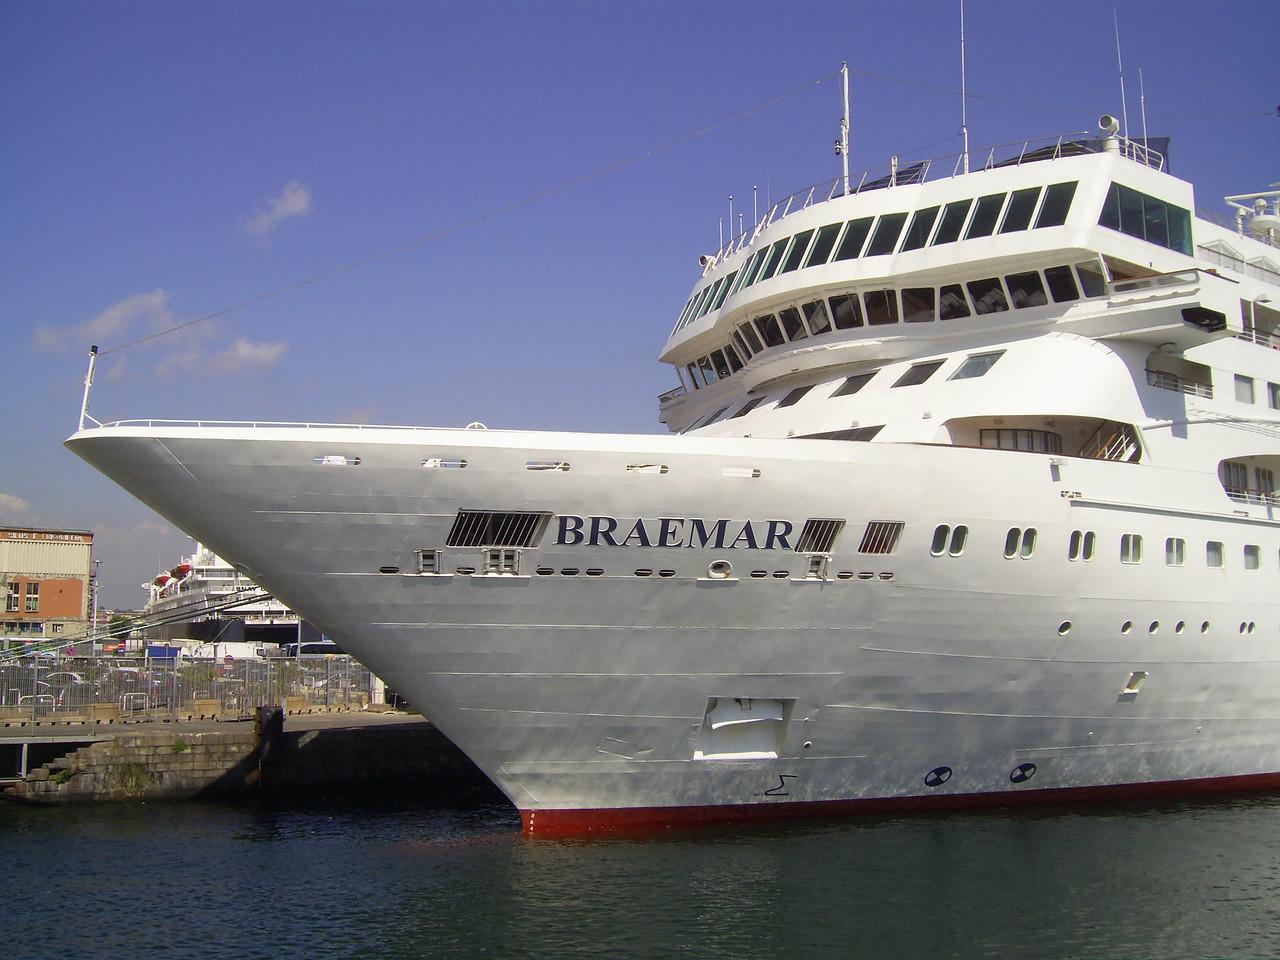 2010 - M/S BRAEMAR in Napoli.